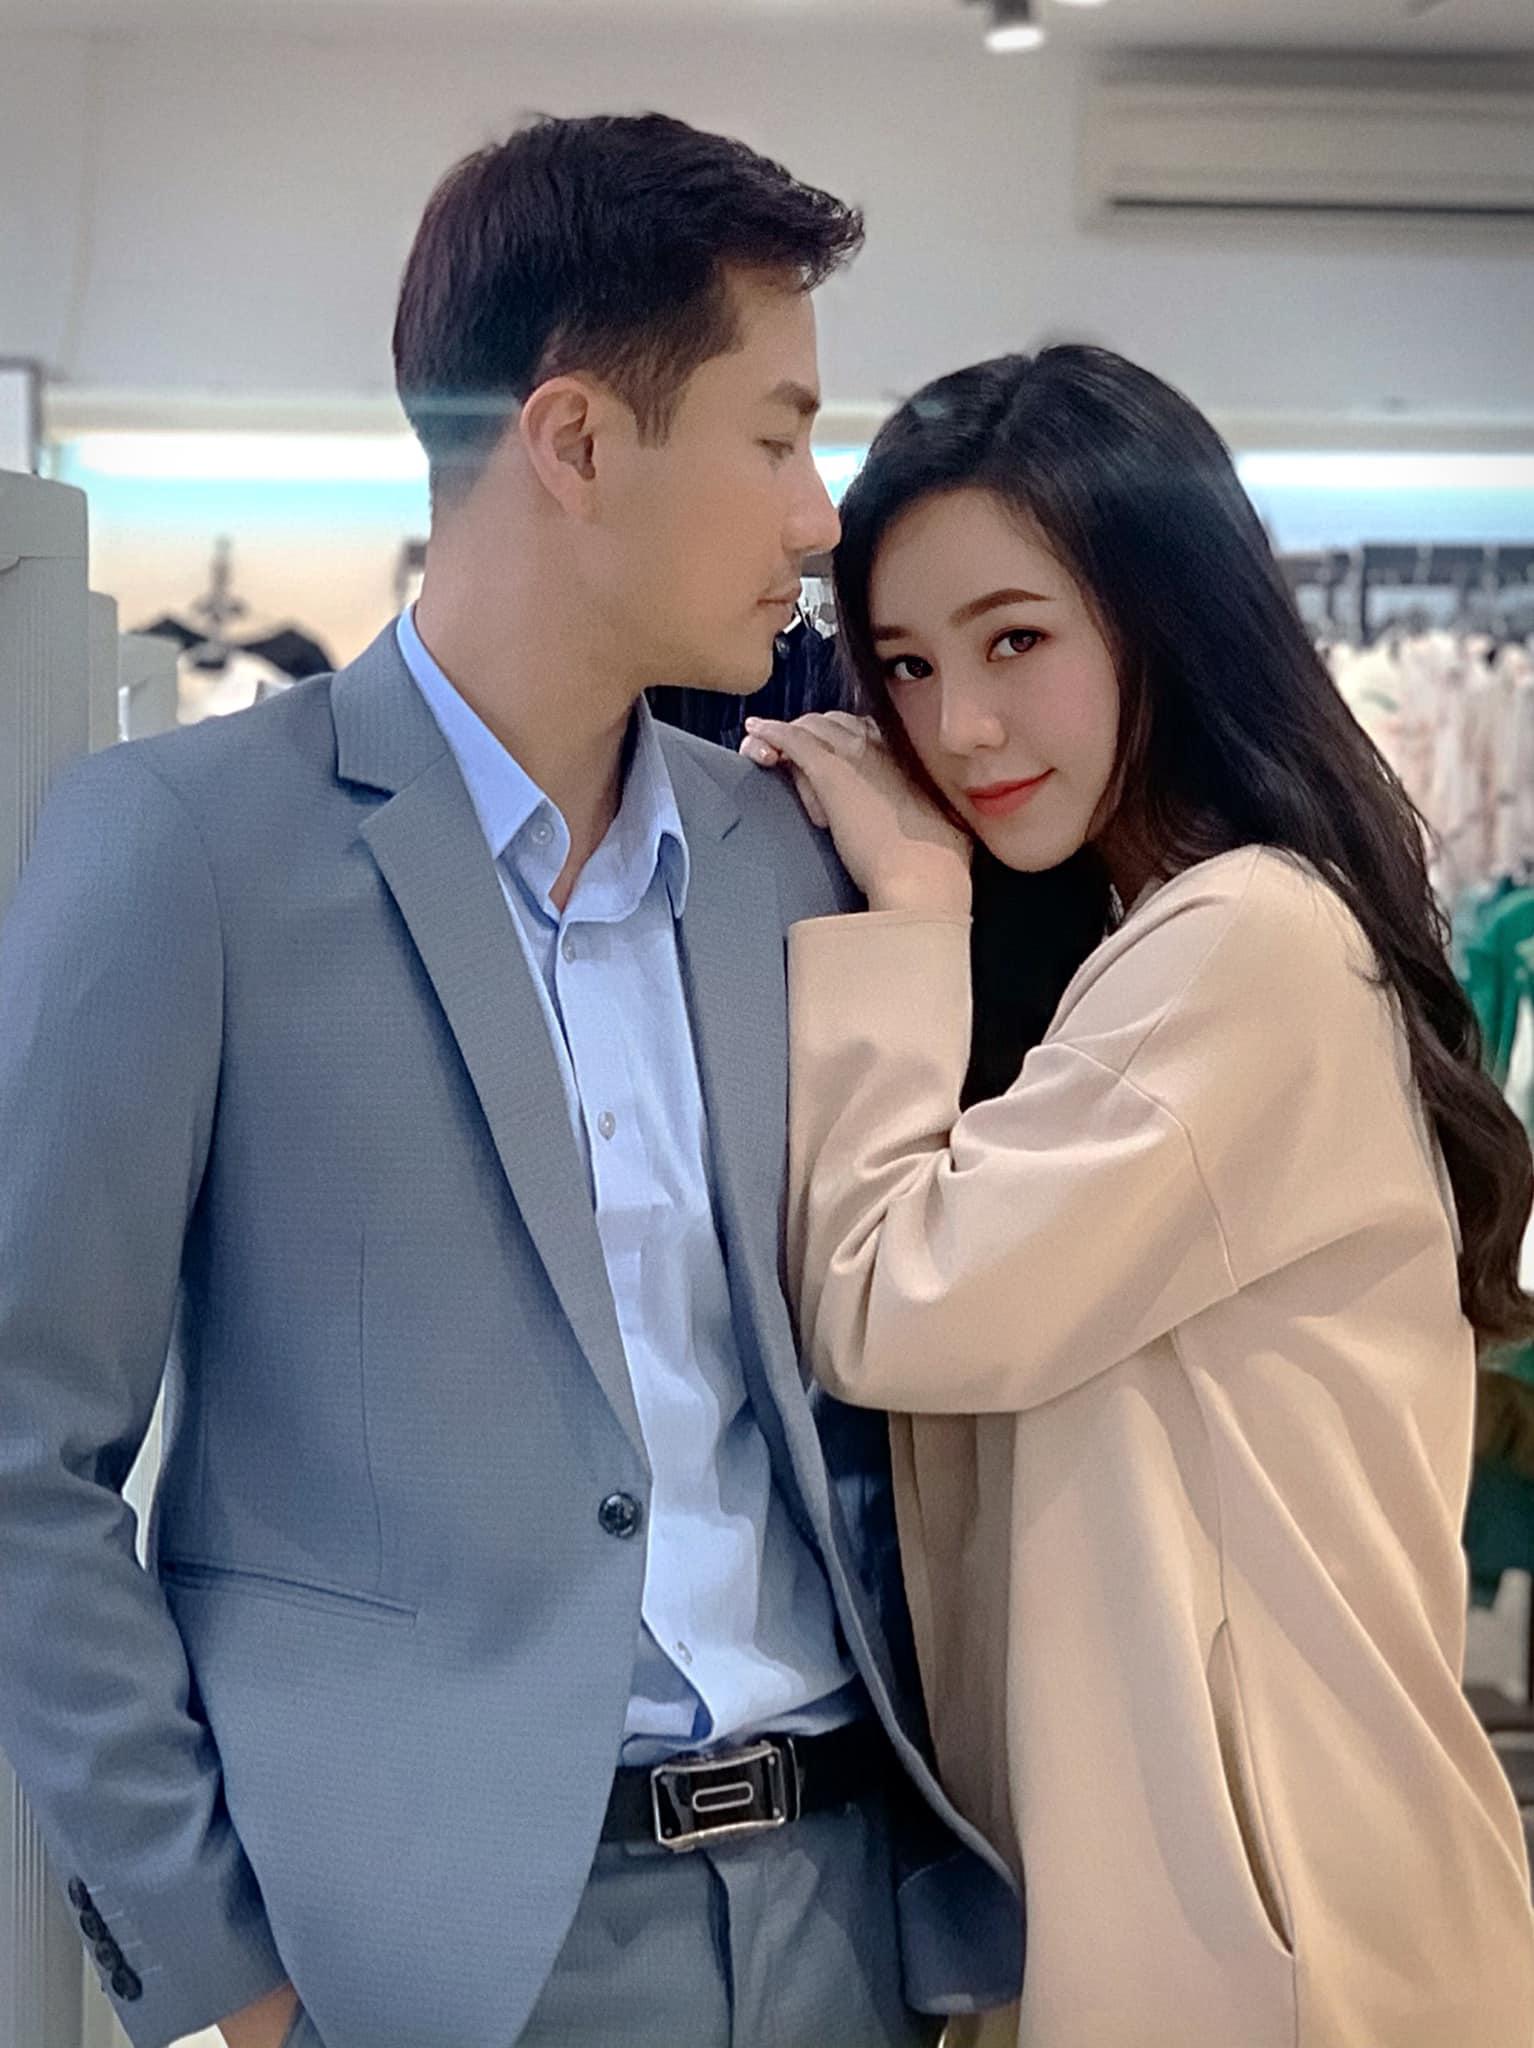 Hoá ra Quỳnh Kool - Thanh Sơn tung cả rổ hint tình cảm, công khai Thầy ơi, em yêu anh mà không ai hay? - Ảnh 4.